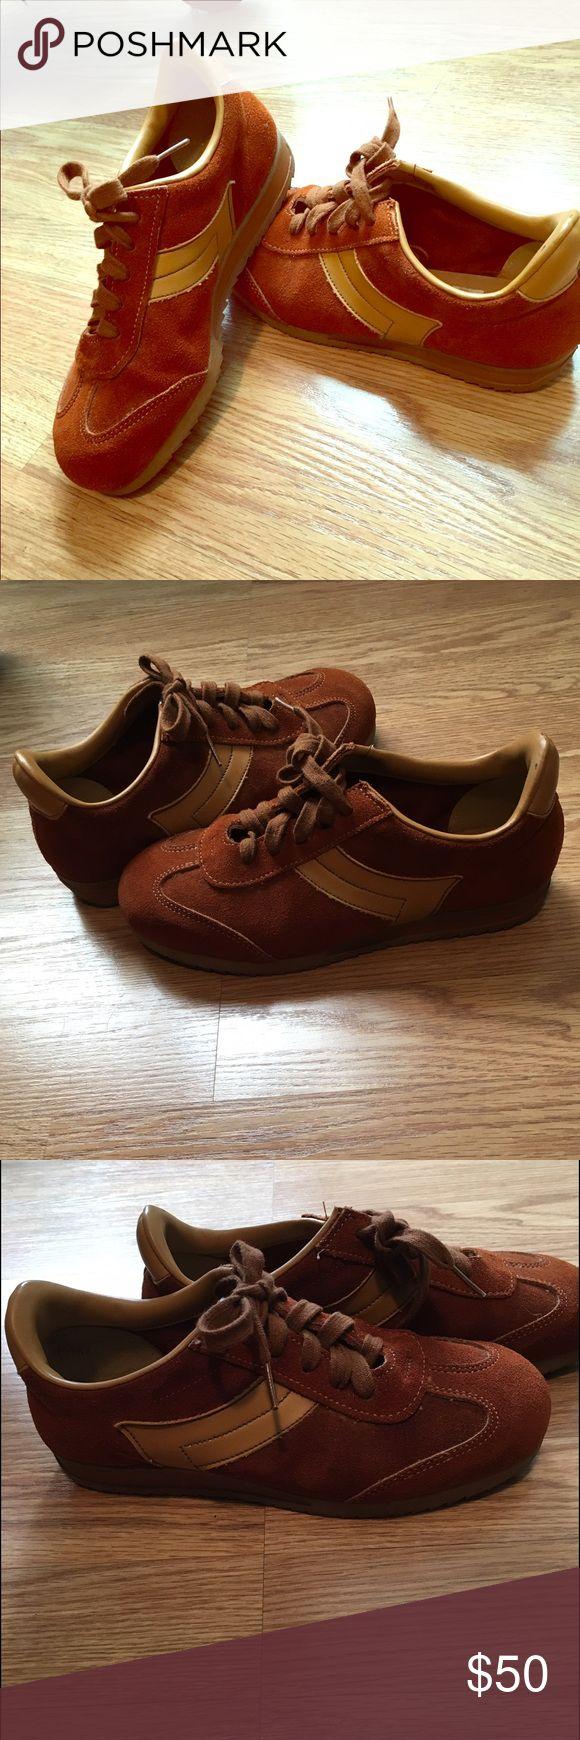 Ward vintage sneakers ** women's size 8.                                                      ** men's size 6.                                                         Cinnamon brown leather sneaker ward Shoes Sneakers